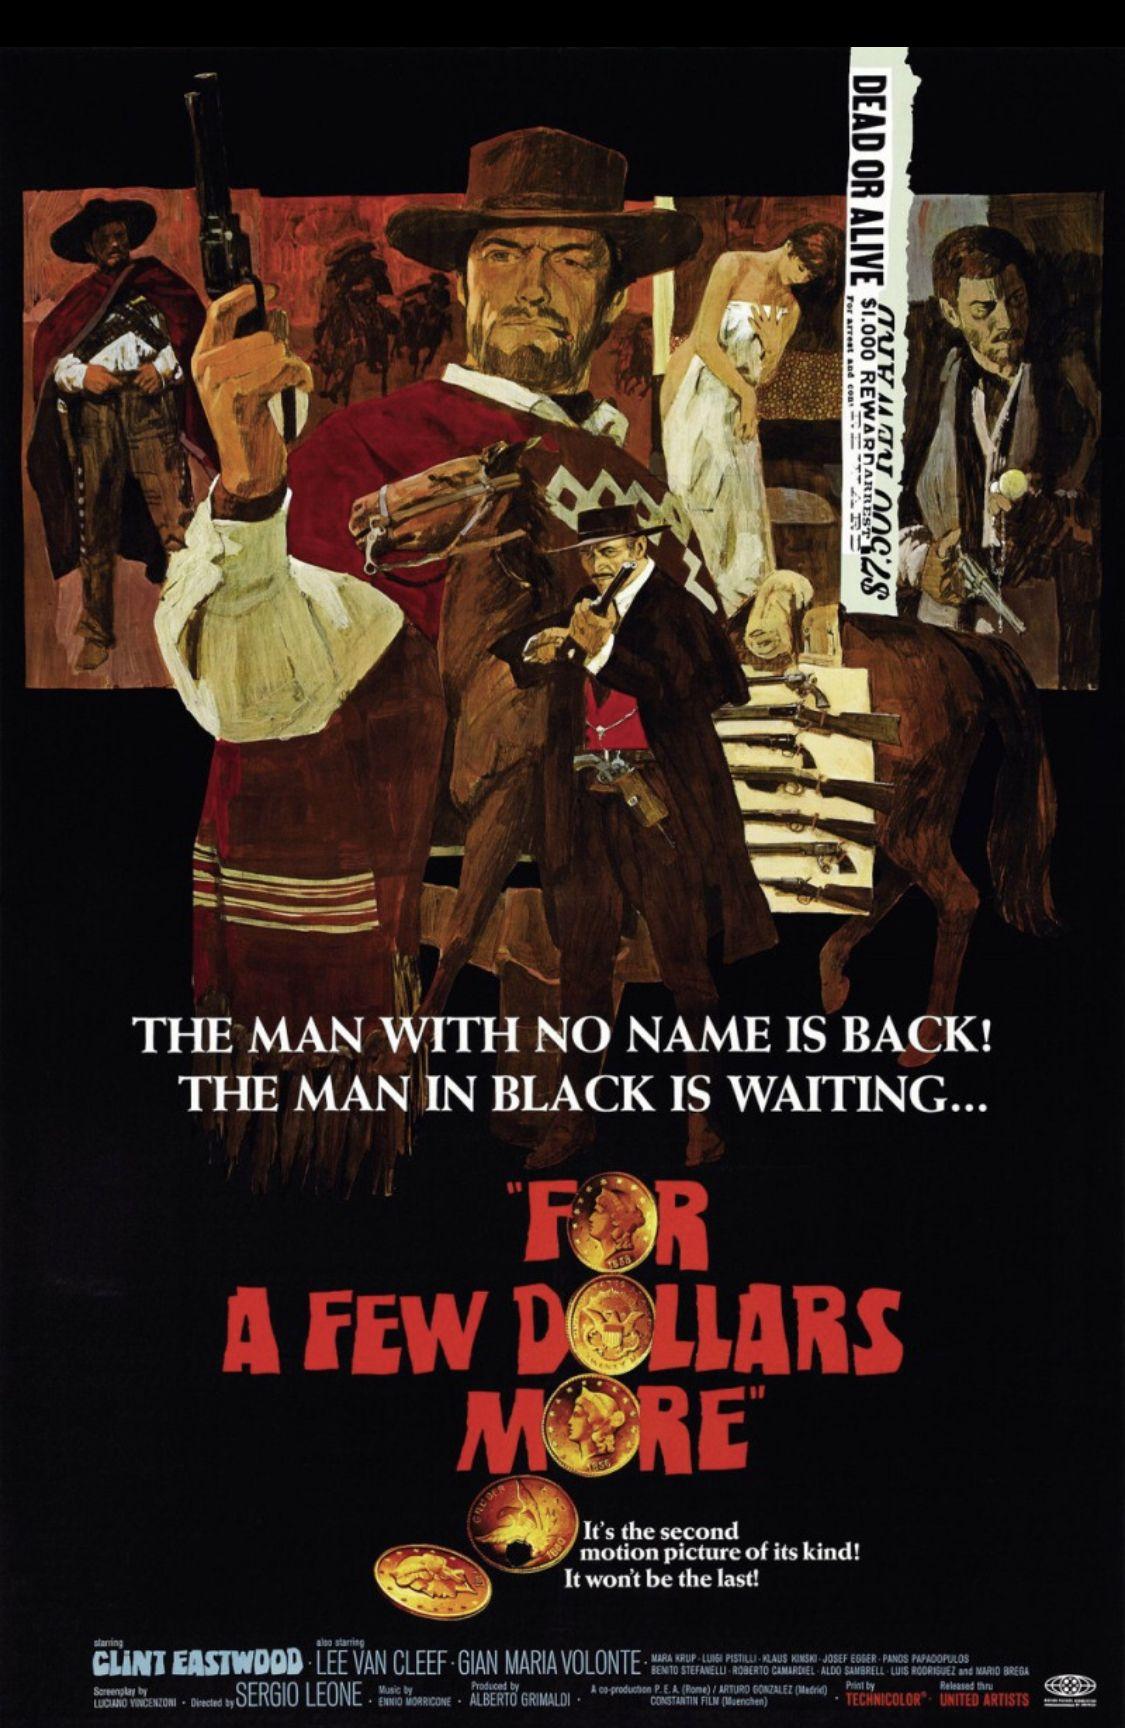 Pin De Henry Swanson En Movie Posters Carteles De Peliculas Trilogia Del Dolar Peliculas Completas